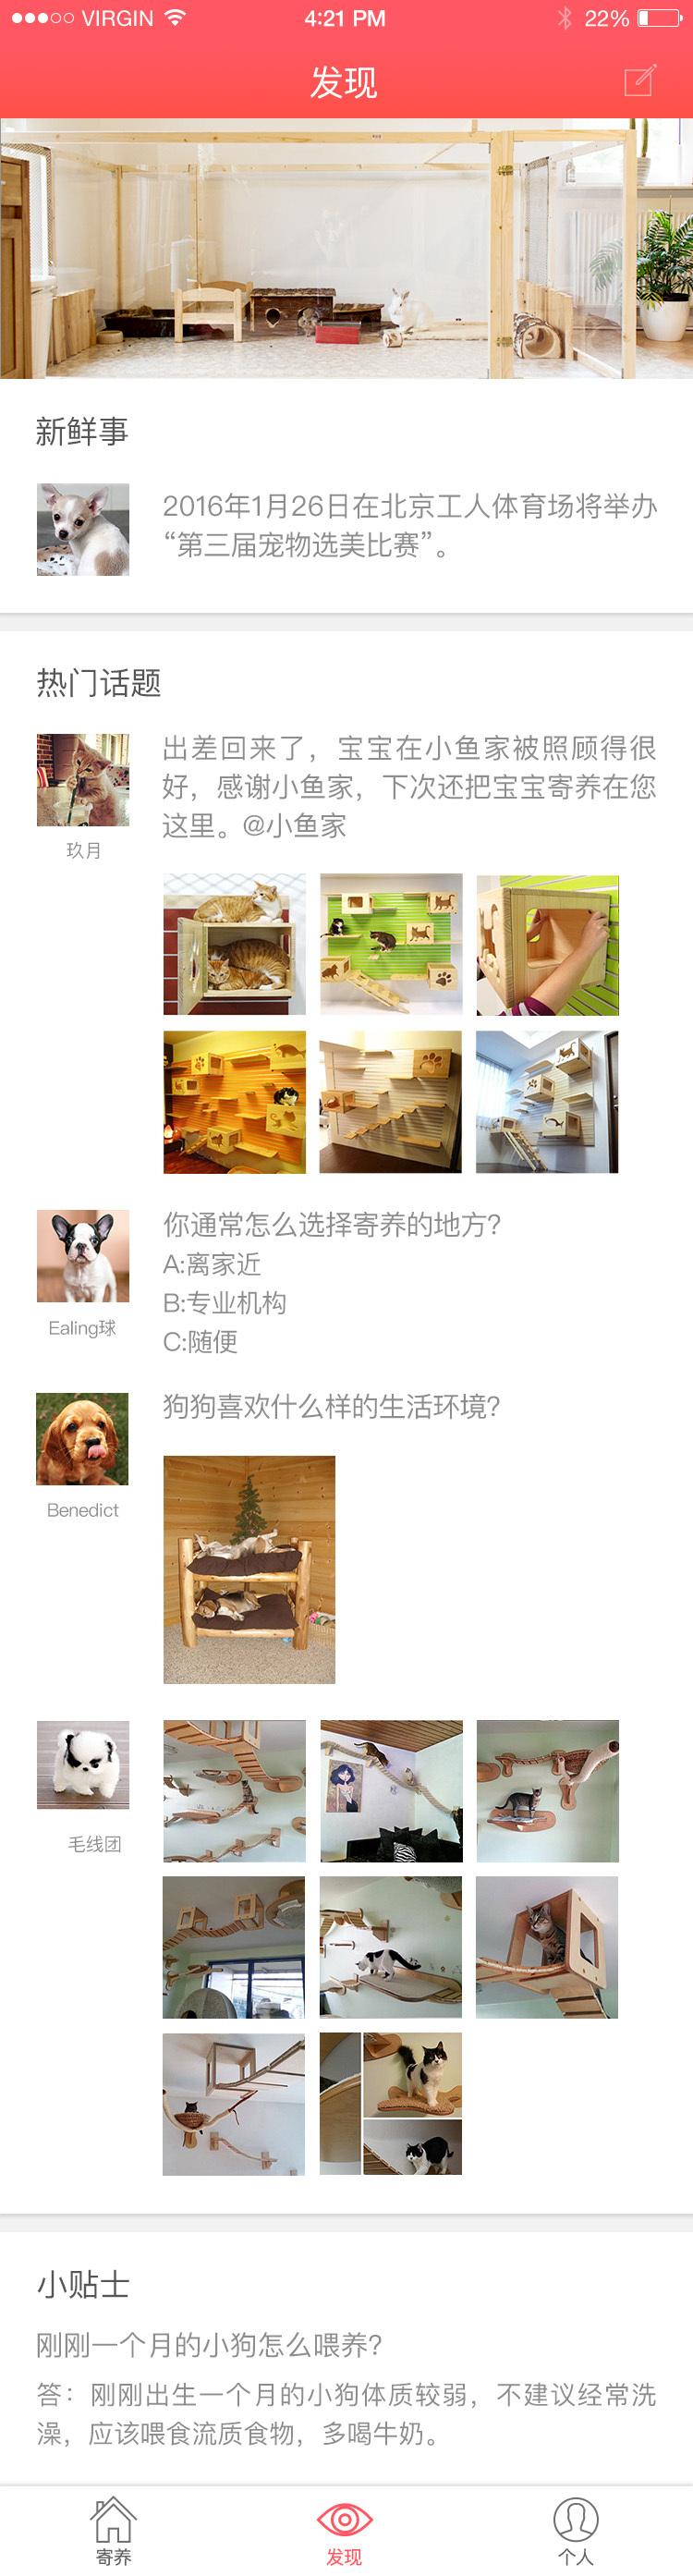 宠物寄养app|ui|app界面|keepsilence - 原创作品